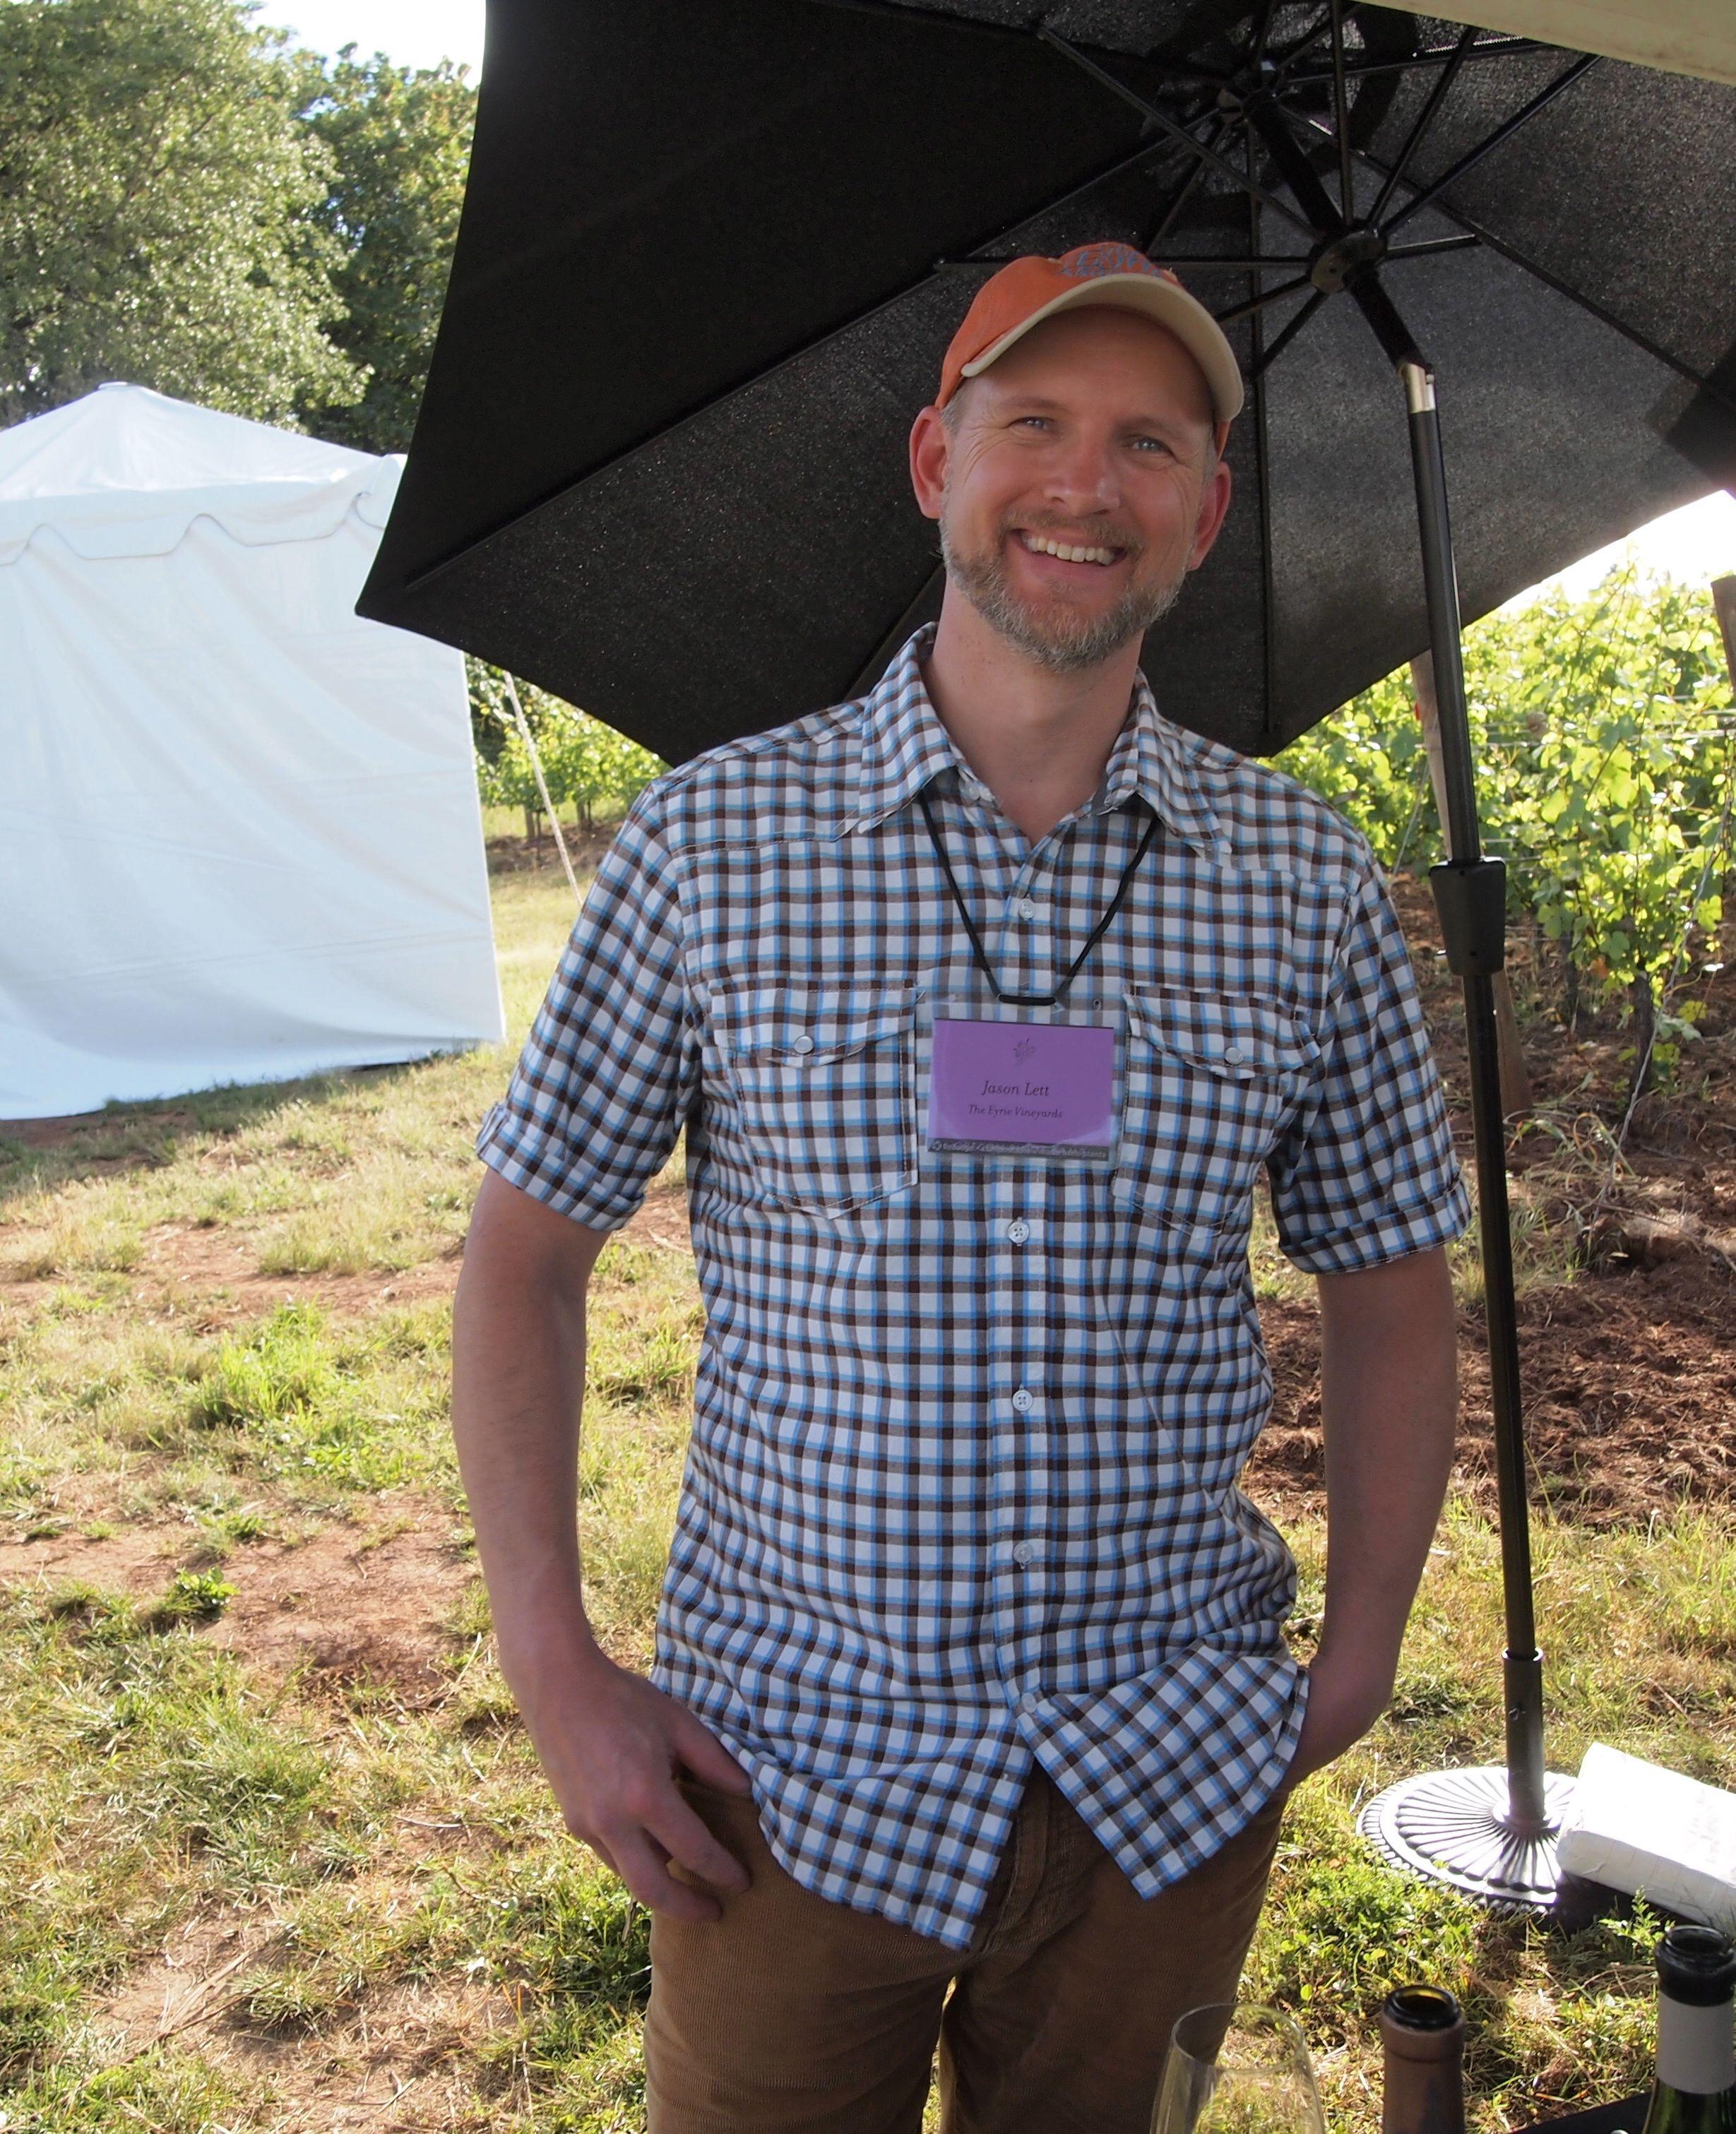 Jason Lett, of Eyrie Vineyards.